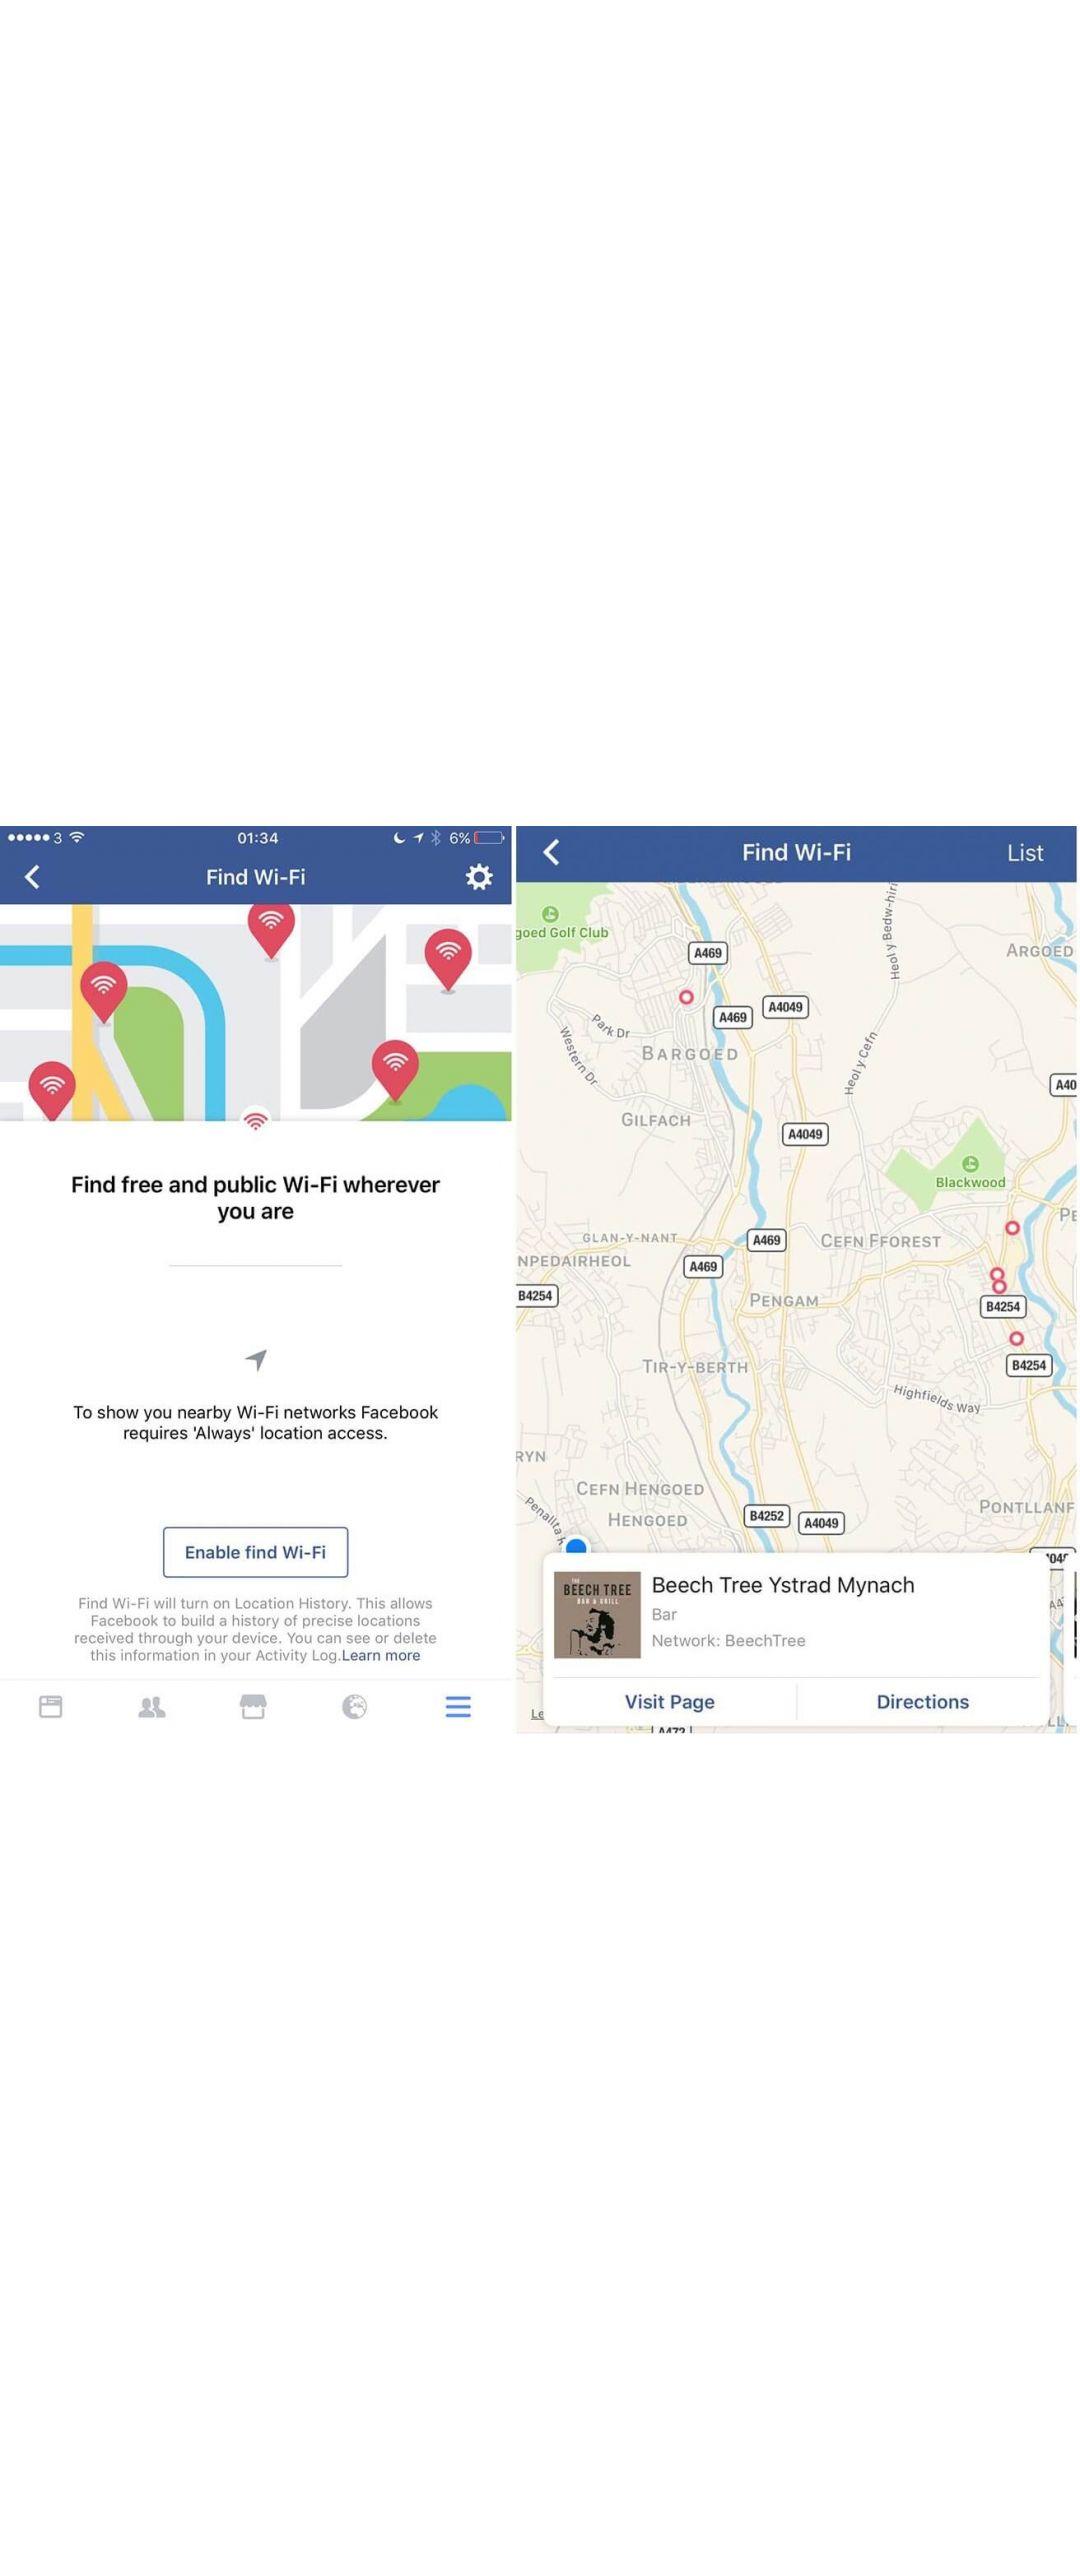 Facebook te permitirá buscar lugares con Wi-Fi público y gratuito